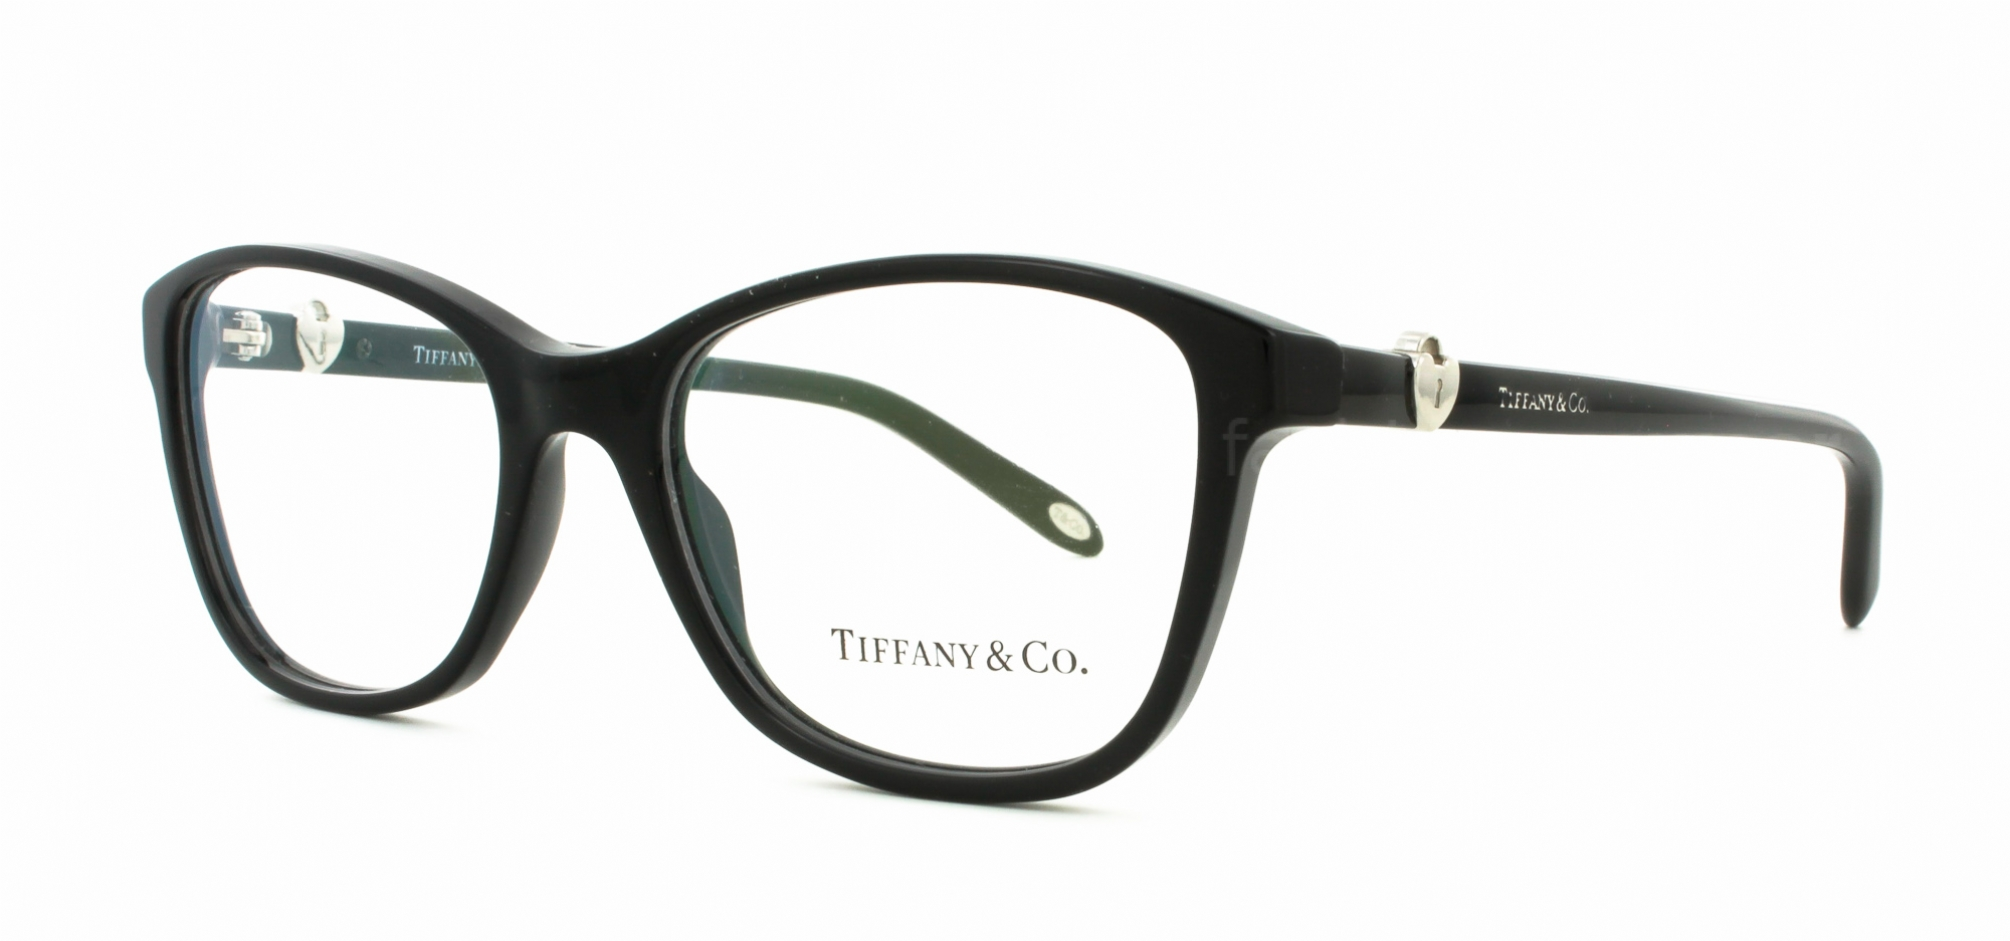 Tiffany 2081 Eyeglasses